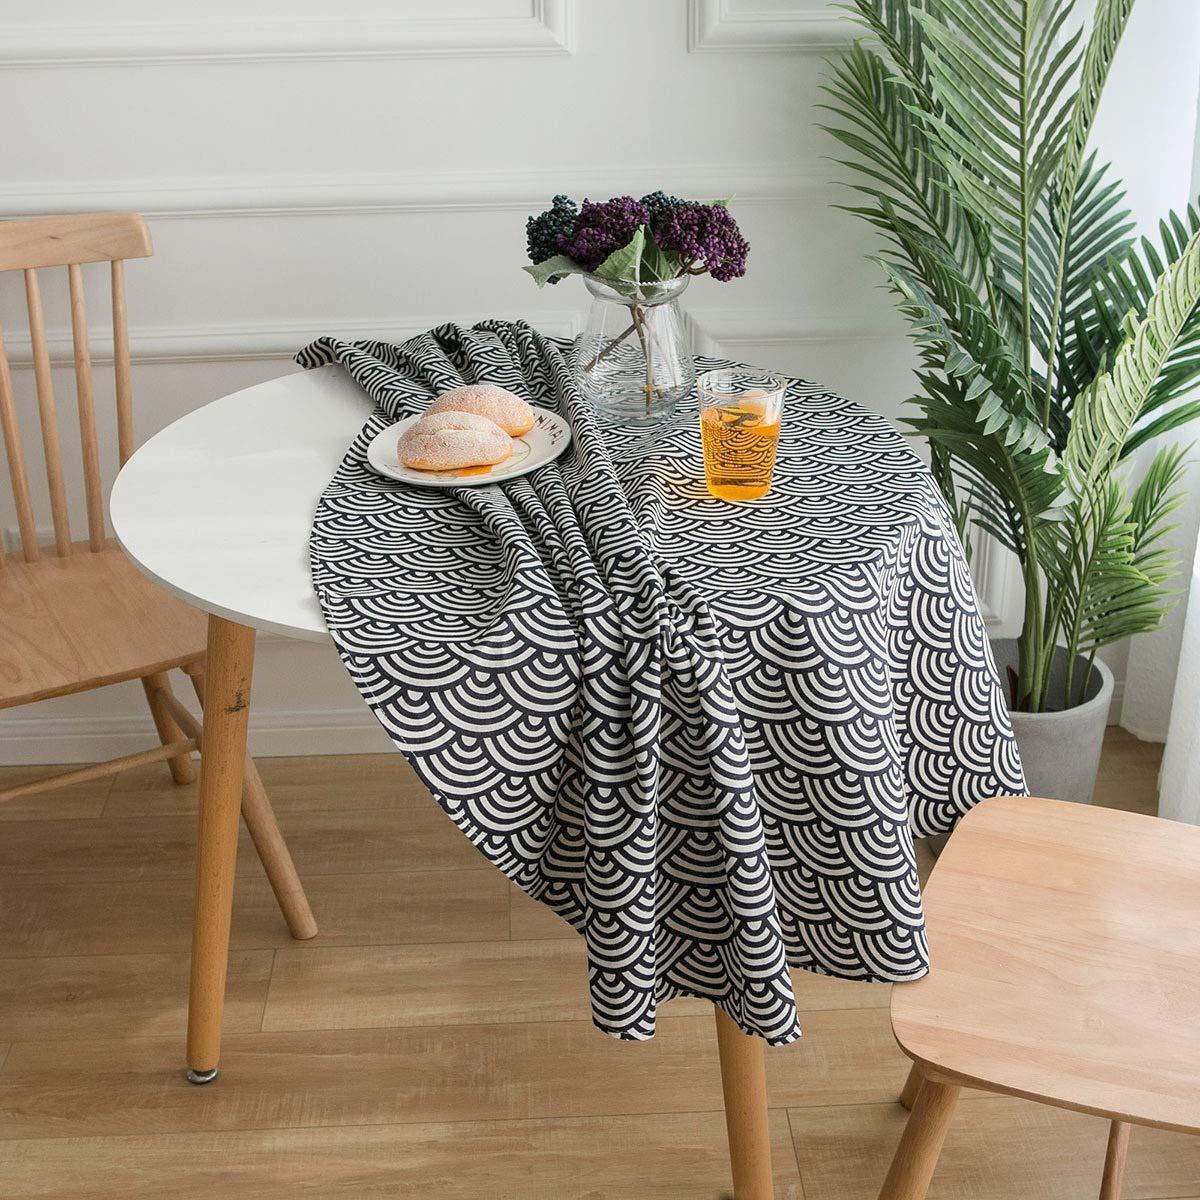 japon/és Estilo Pastoral Fresco Mantel Mantel Ronda literaria Table Cloth Nuevo Peque/ño Ronda Mantel rom/ántico y c/álido 150cm F/ácil de Limpiar